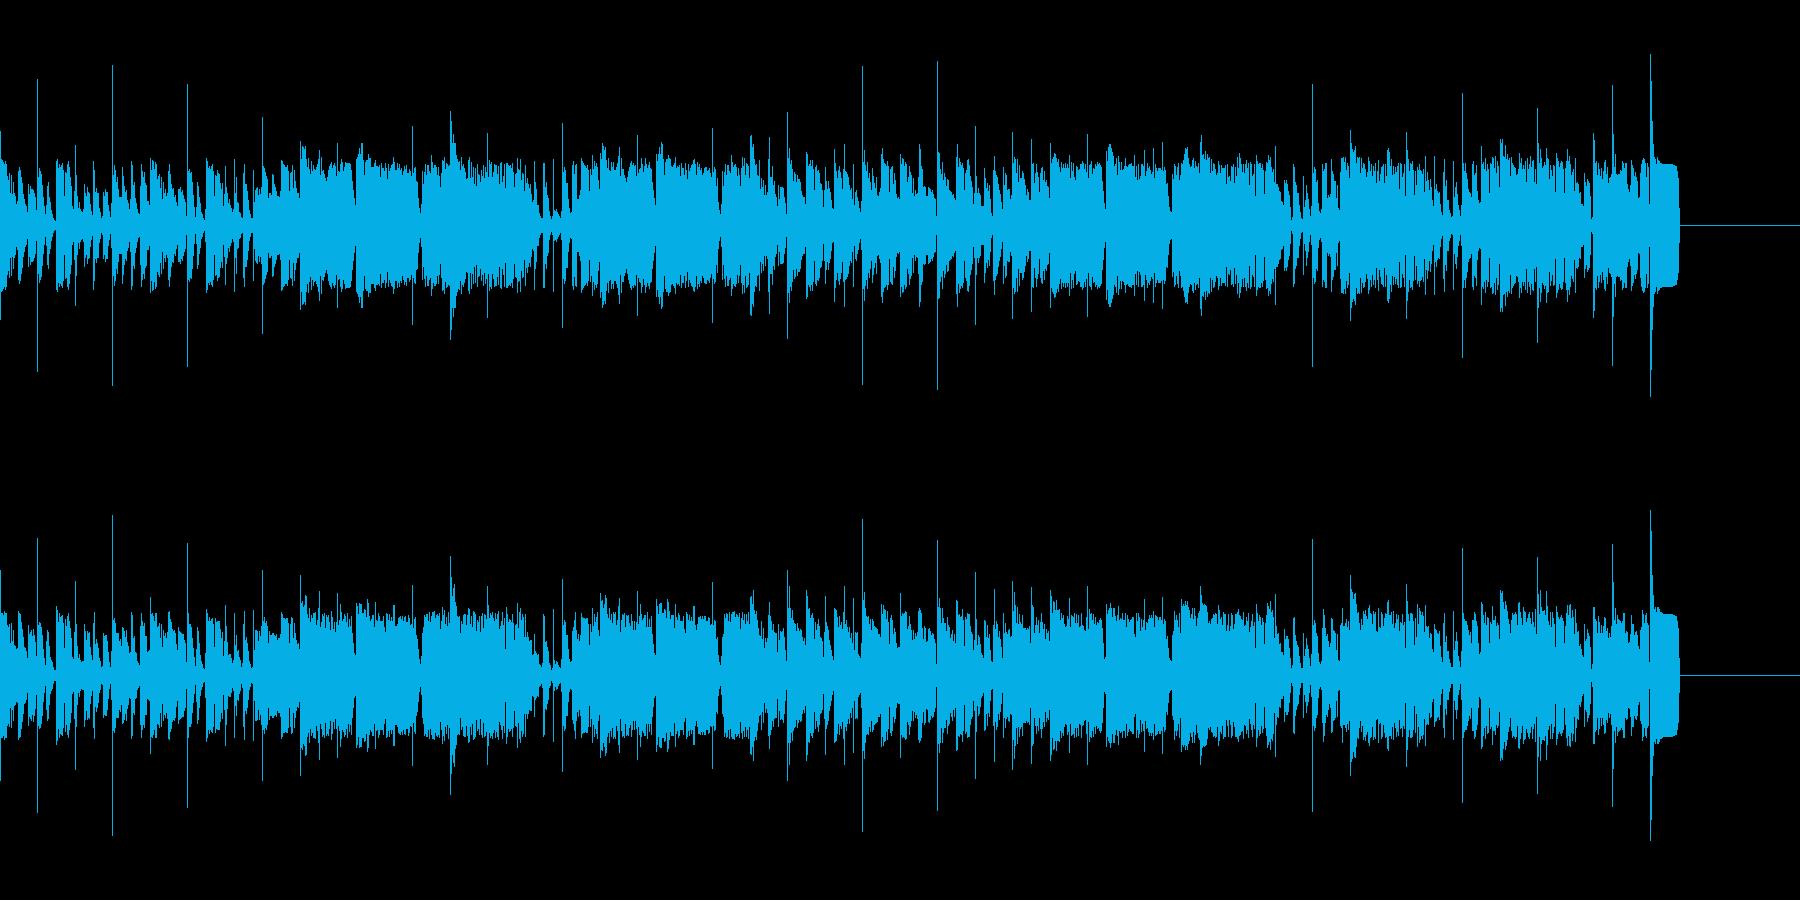 【パンチあり】ホーンセクションメインの曲の再生済みの波形